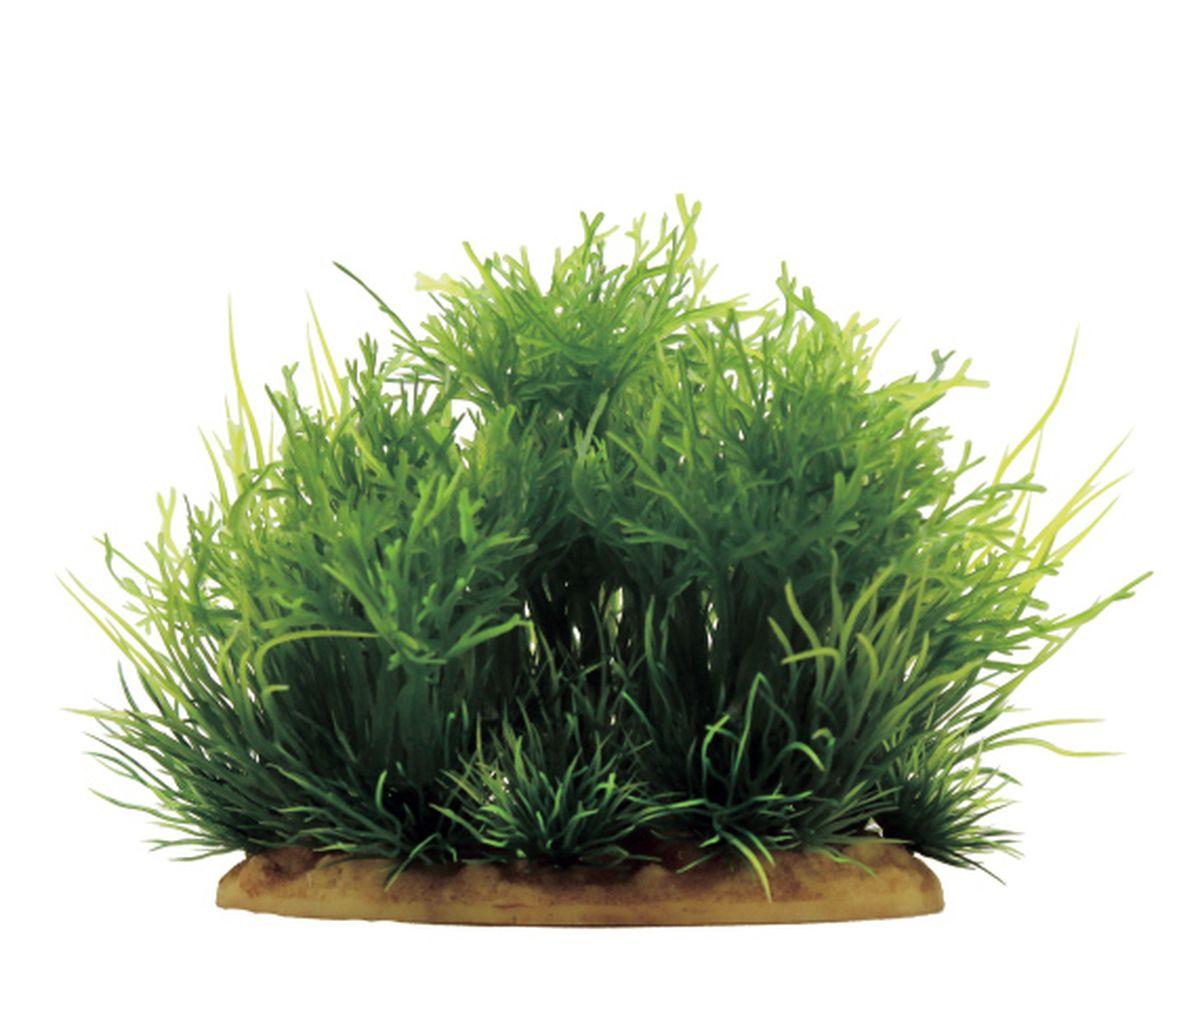 Растение для аквариума ArtUniq Мох, 15 x 10 x 15 смART-1130602Растение для аквариума ArtUniq Мох, 15 x 10 x 15 см